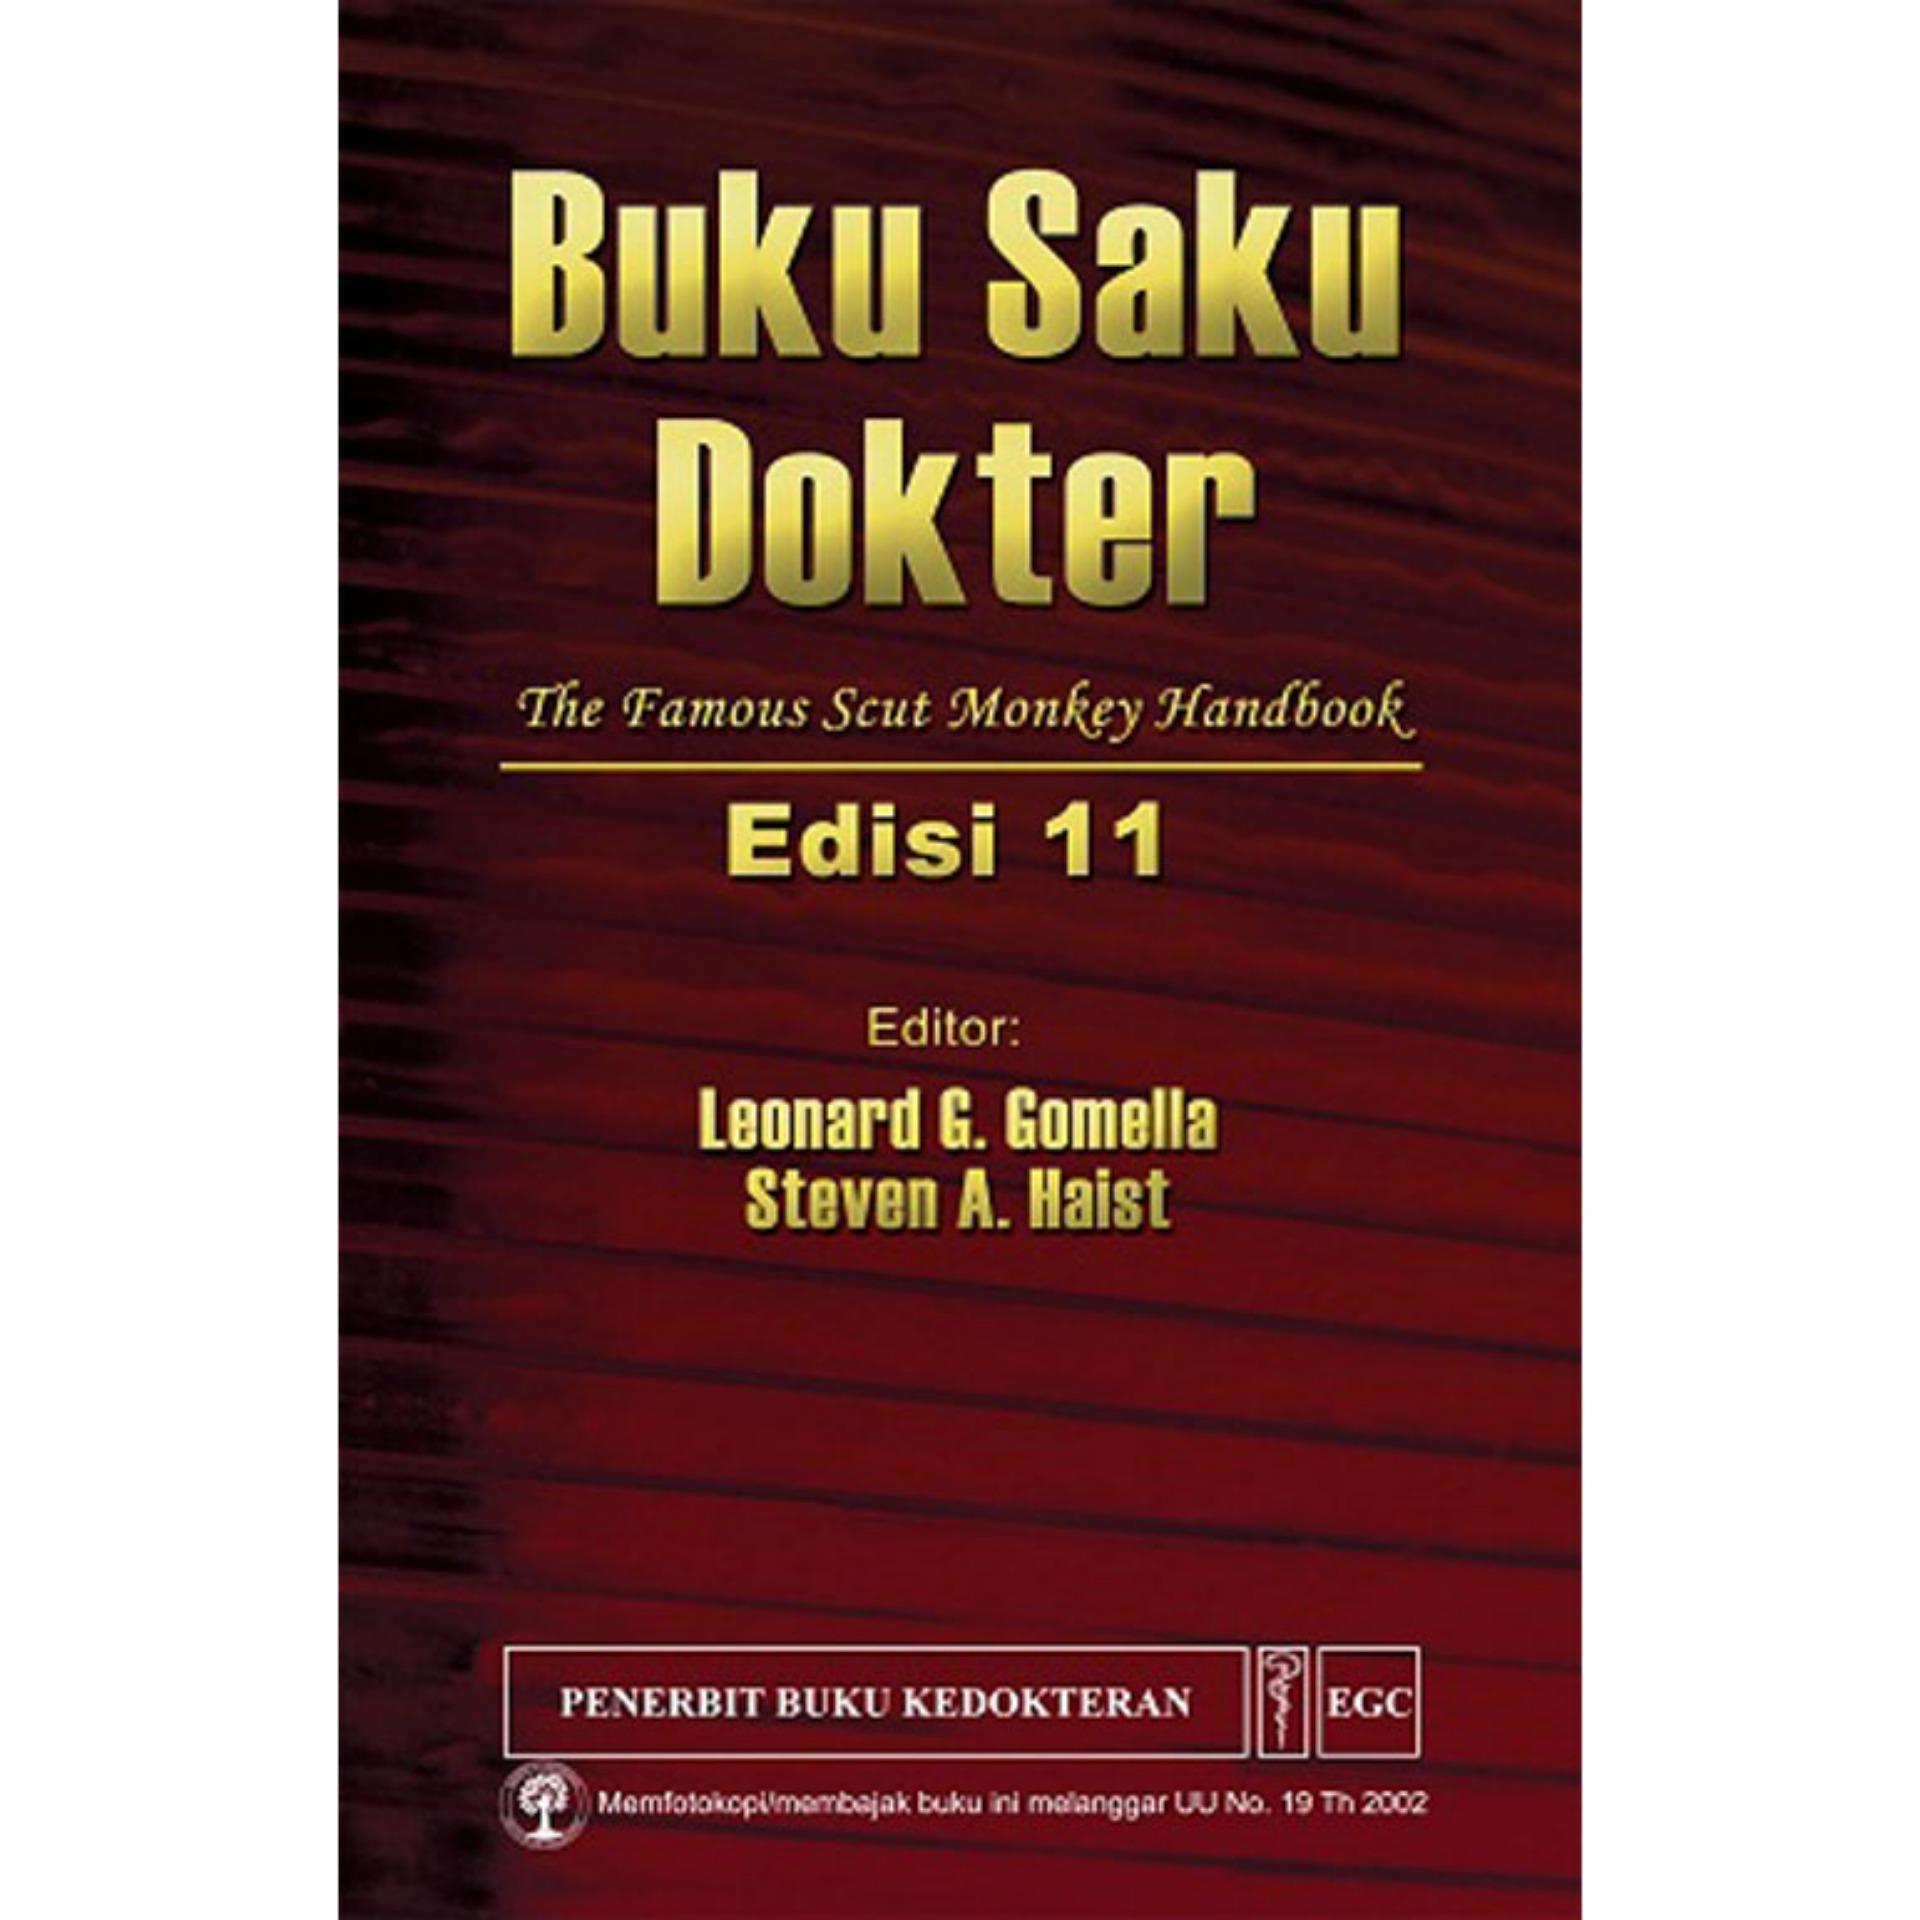 Buku Saku Dokter Edisi 11